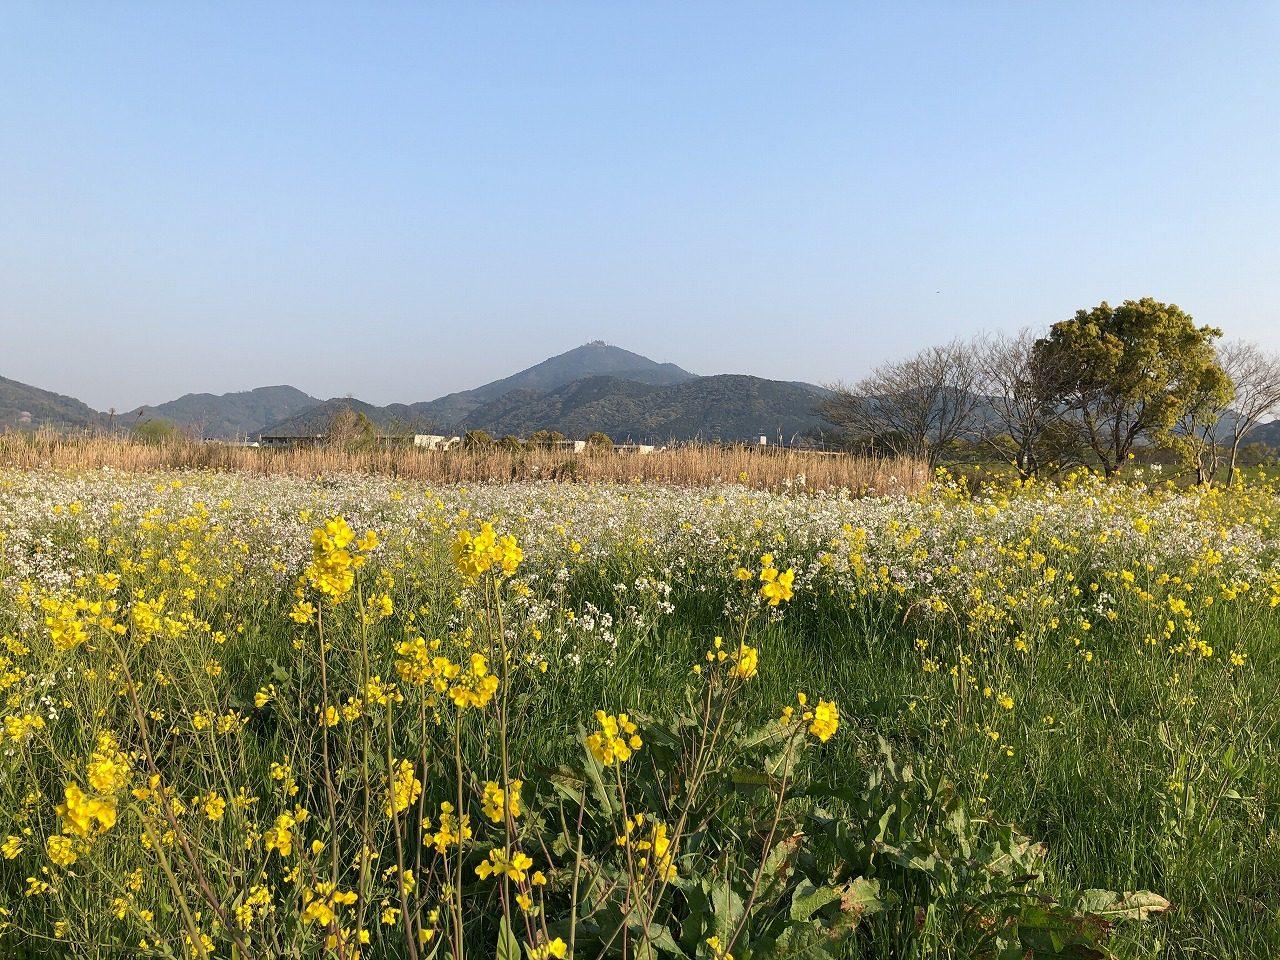 2019.4.2 今朝の金峰山です!